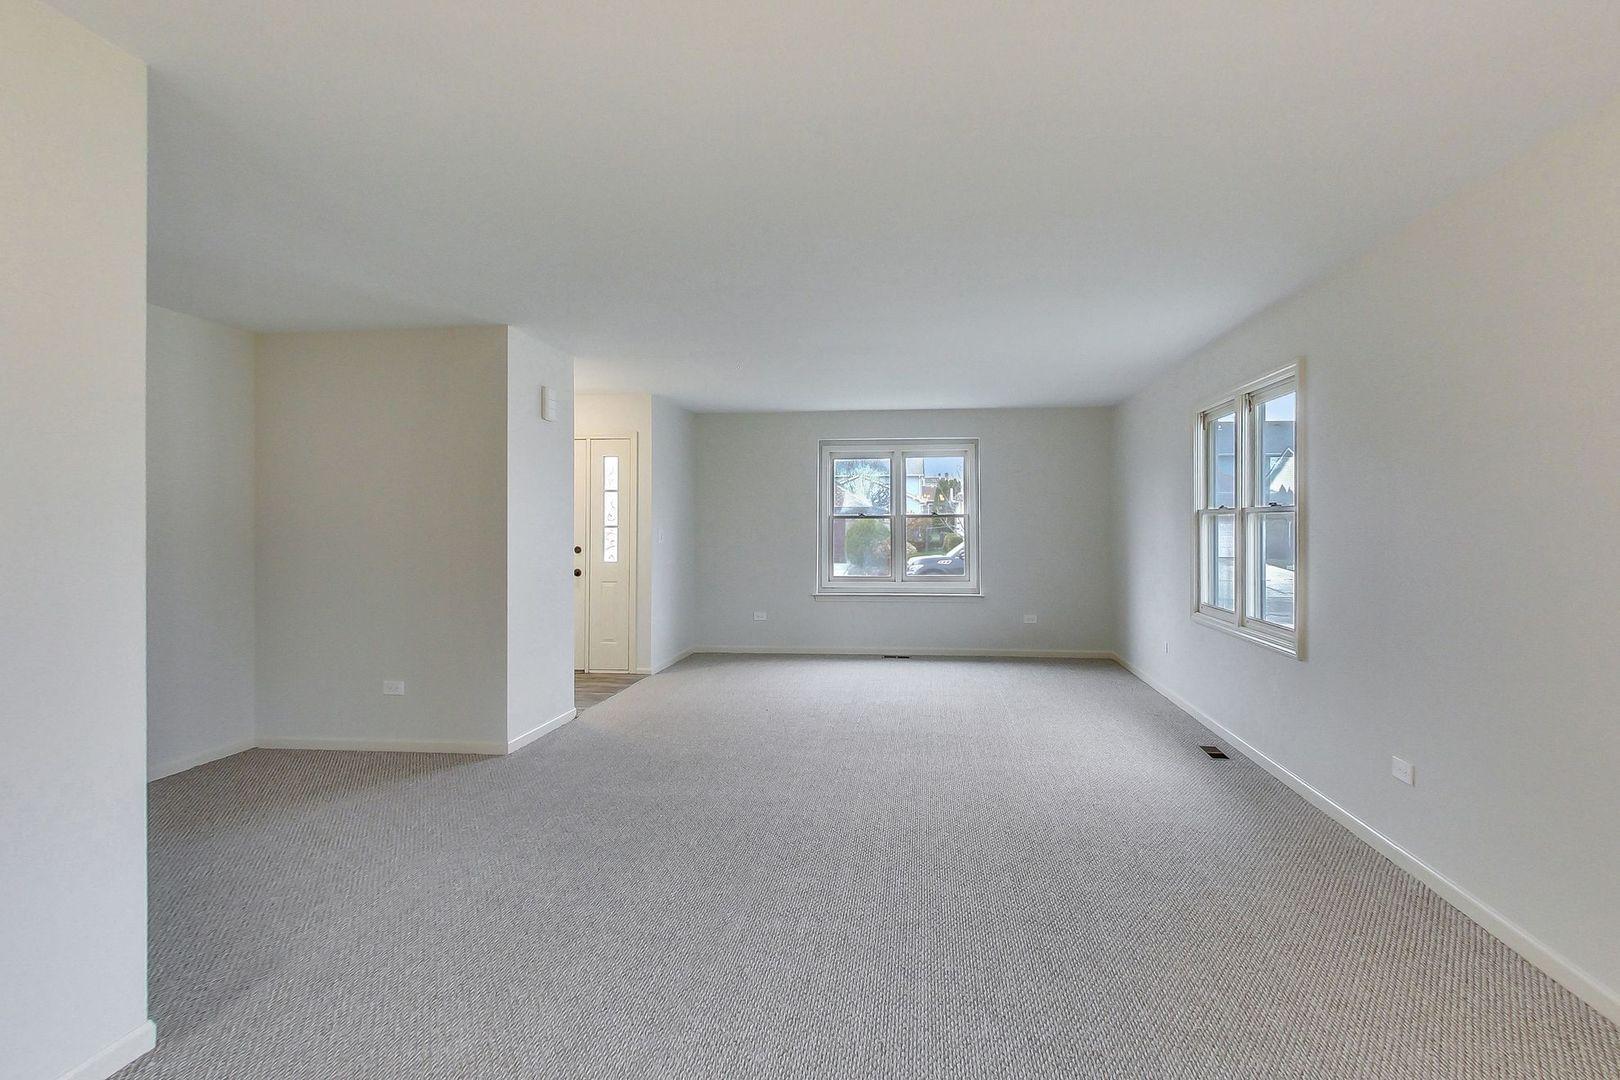 4751 Sunflower, Hoffman Estates, Illinois, 60192